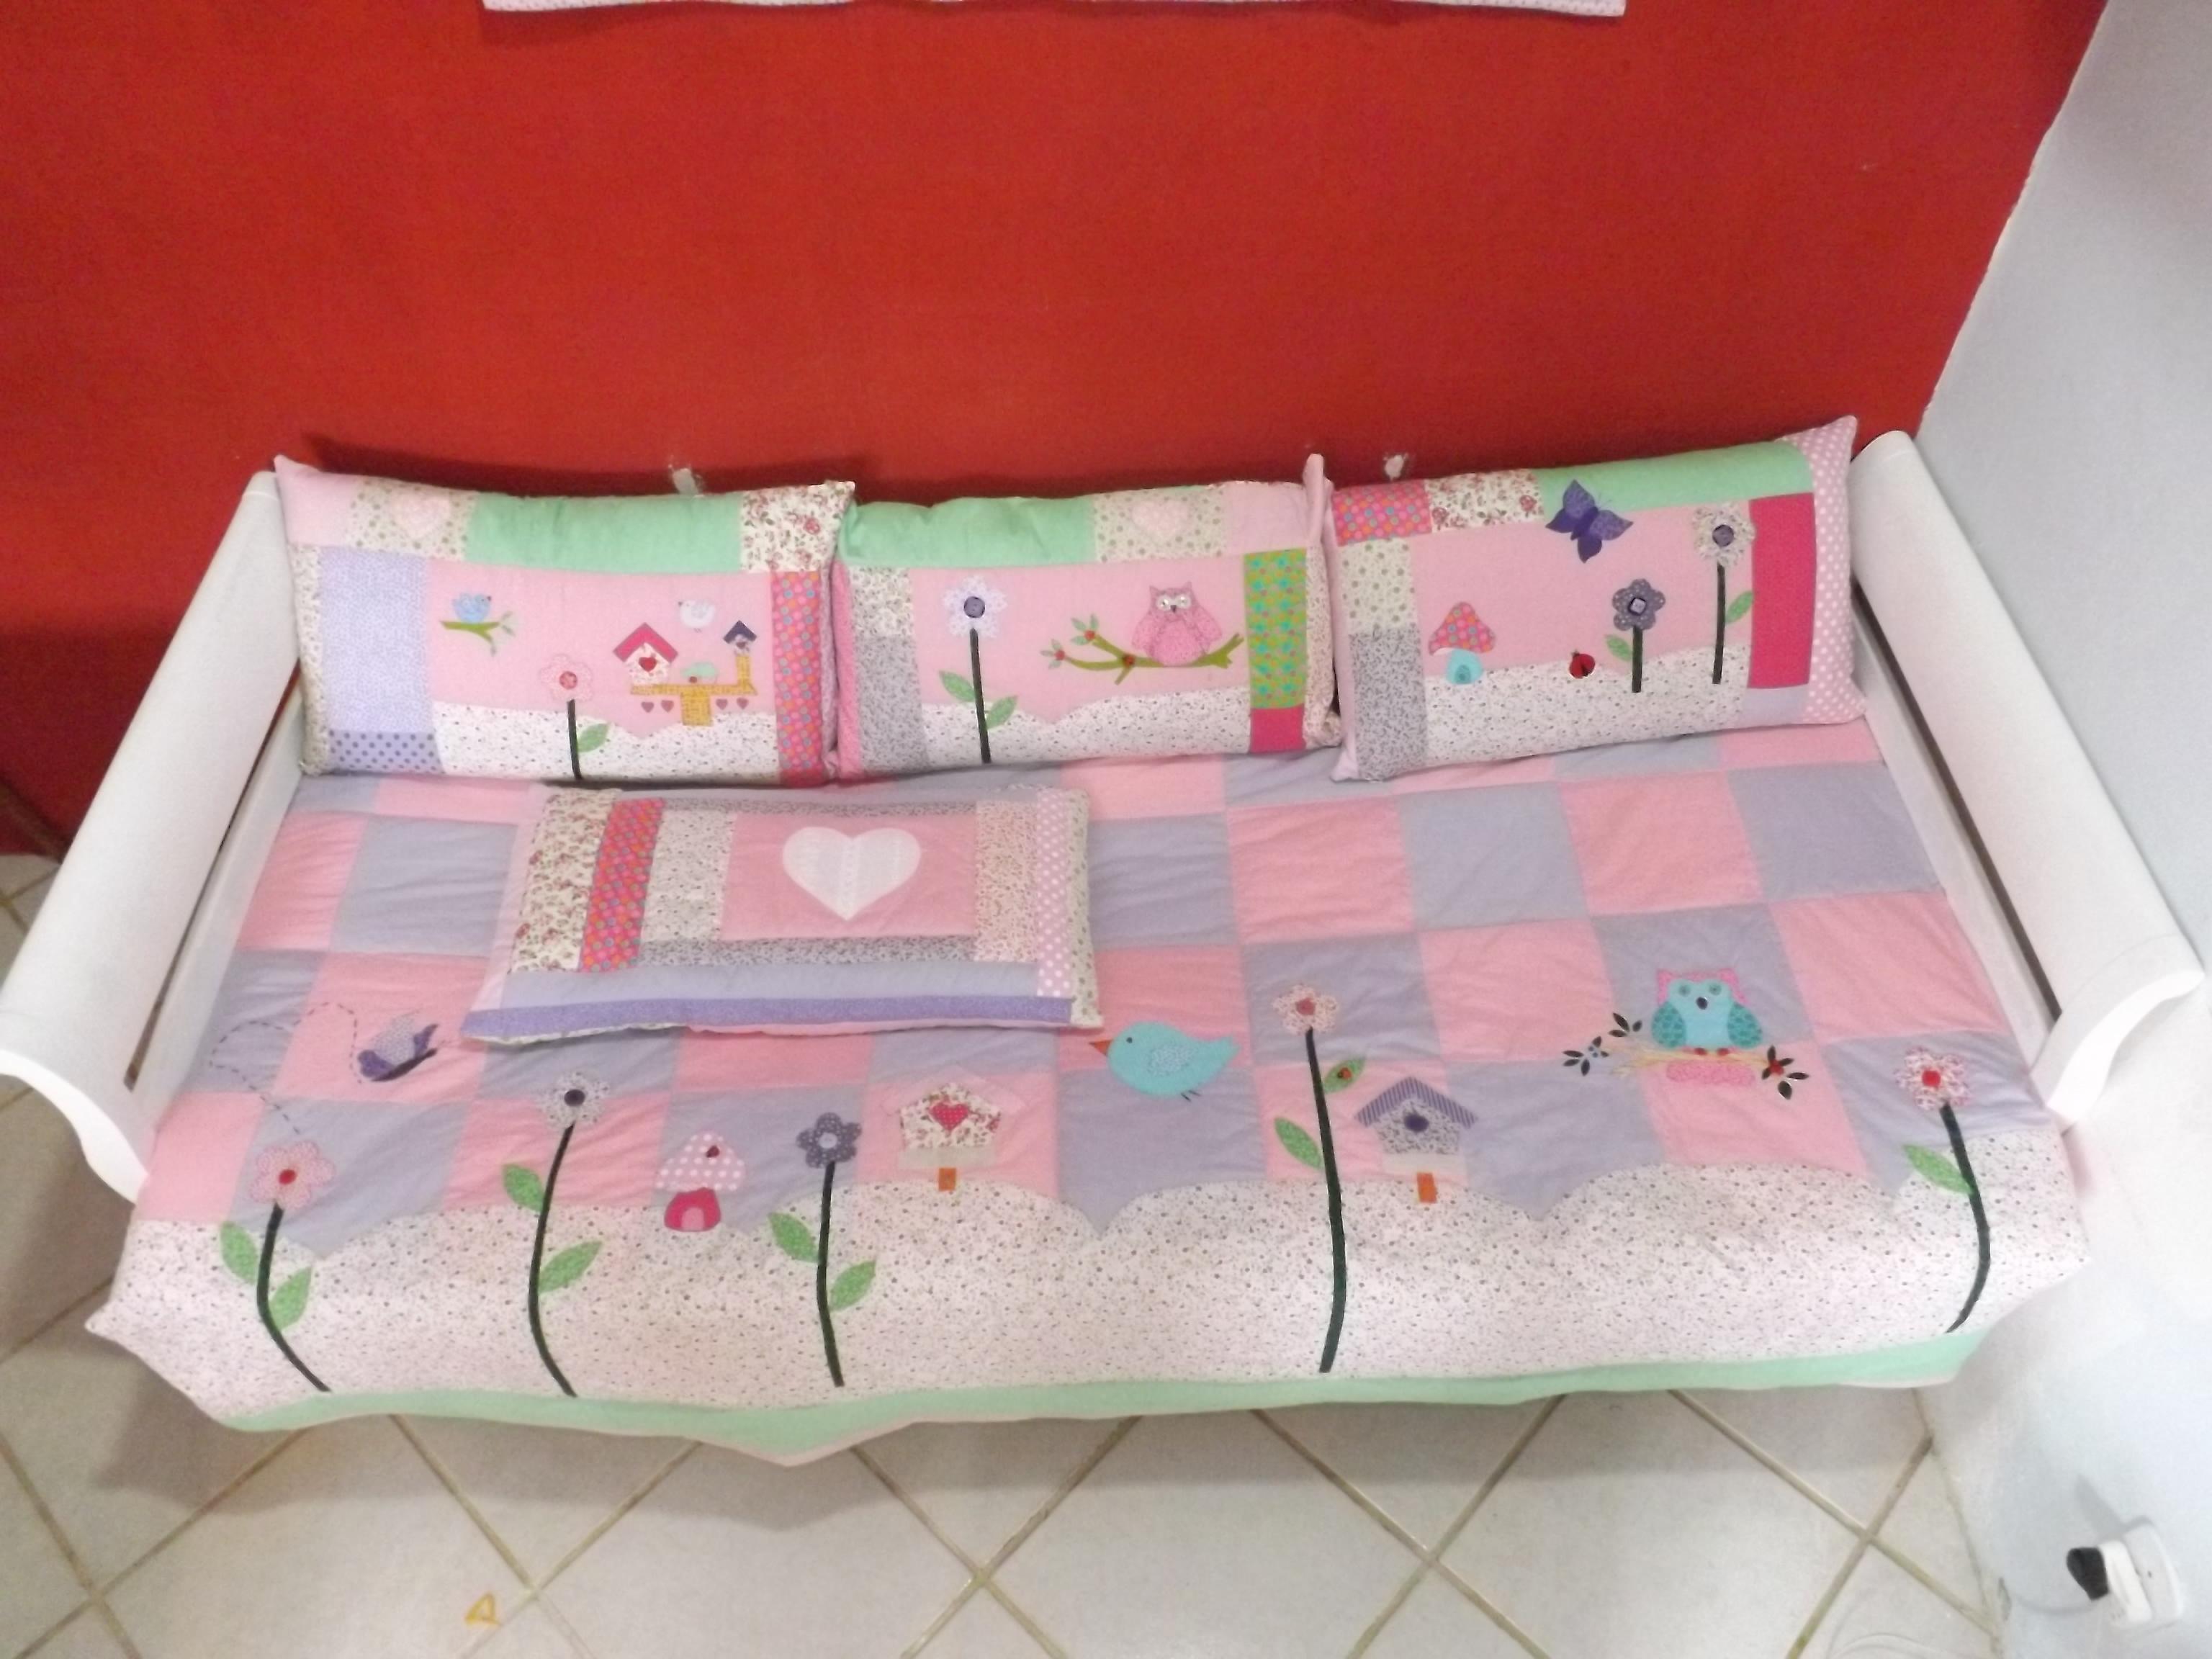 Kit cama de menina coruja fazendo coisas elo7 - Cama de coche para nino ...